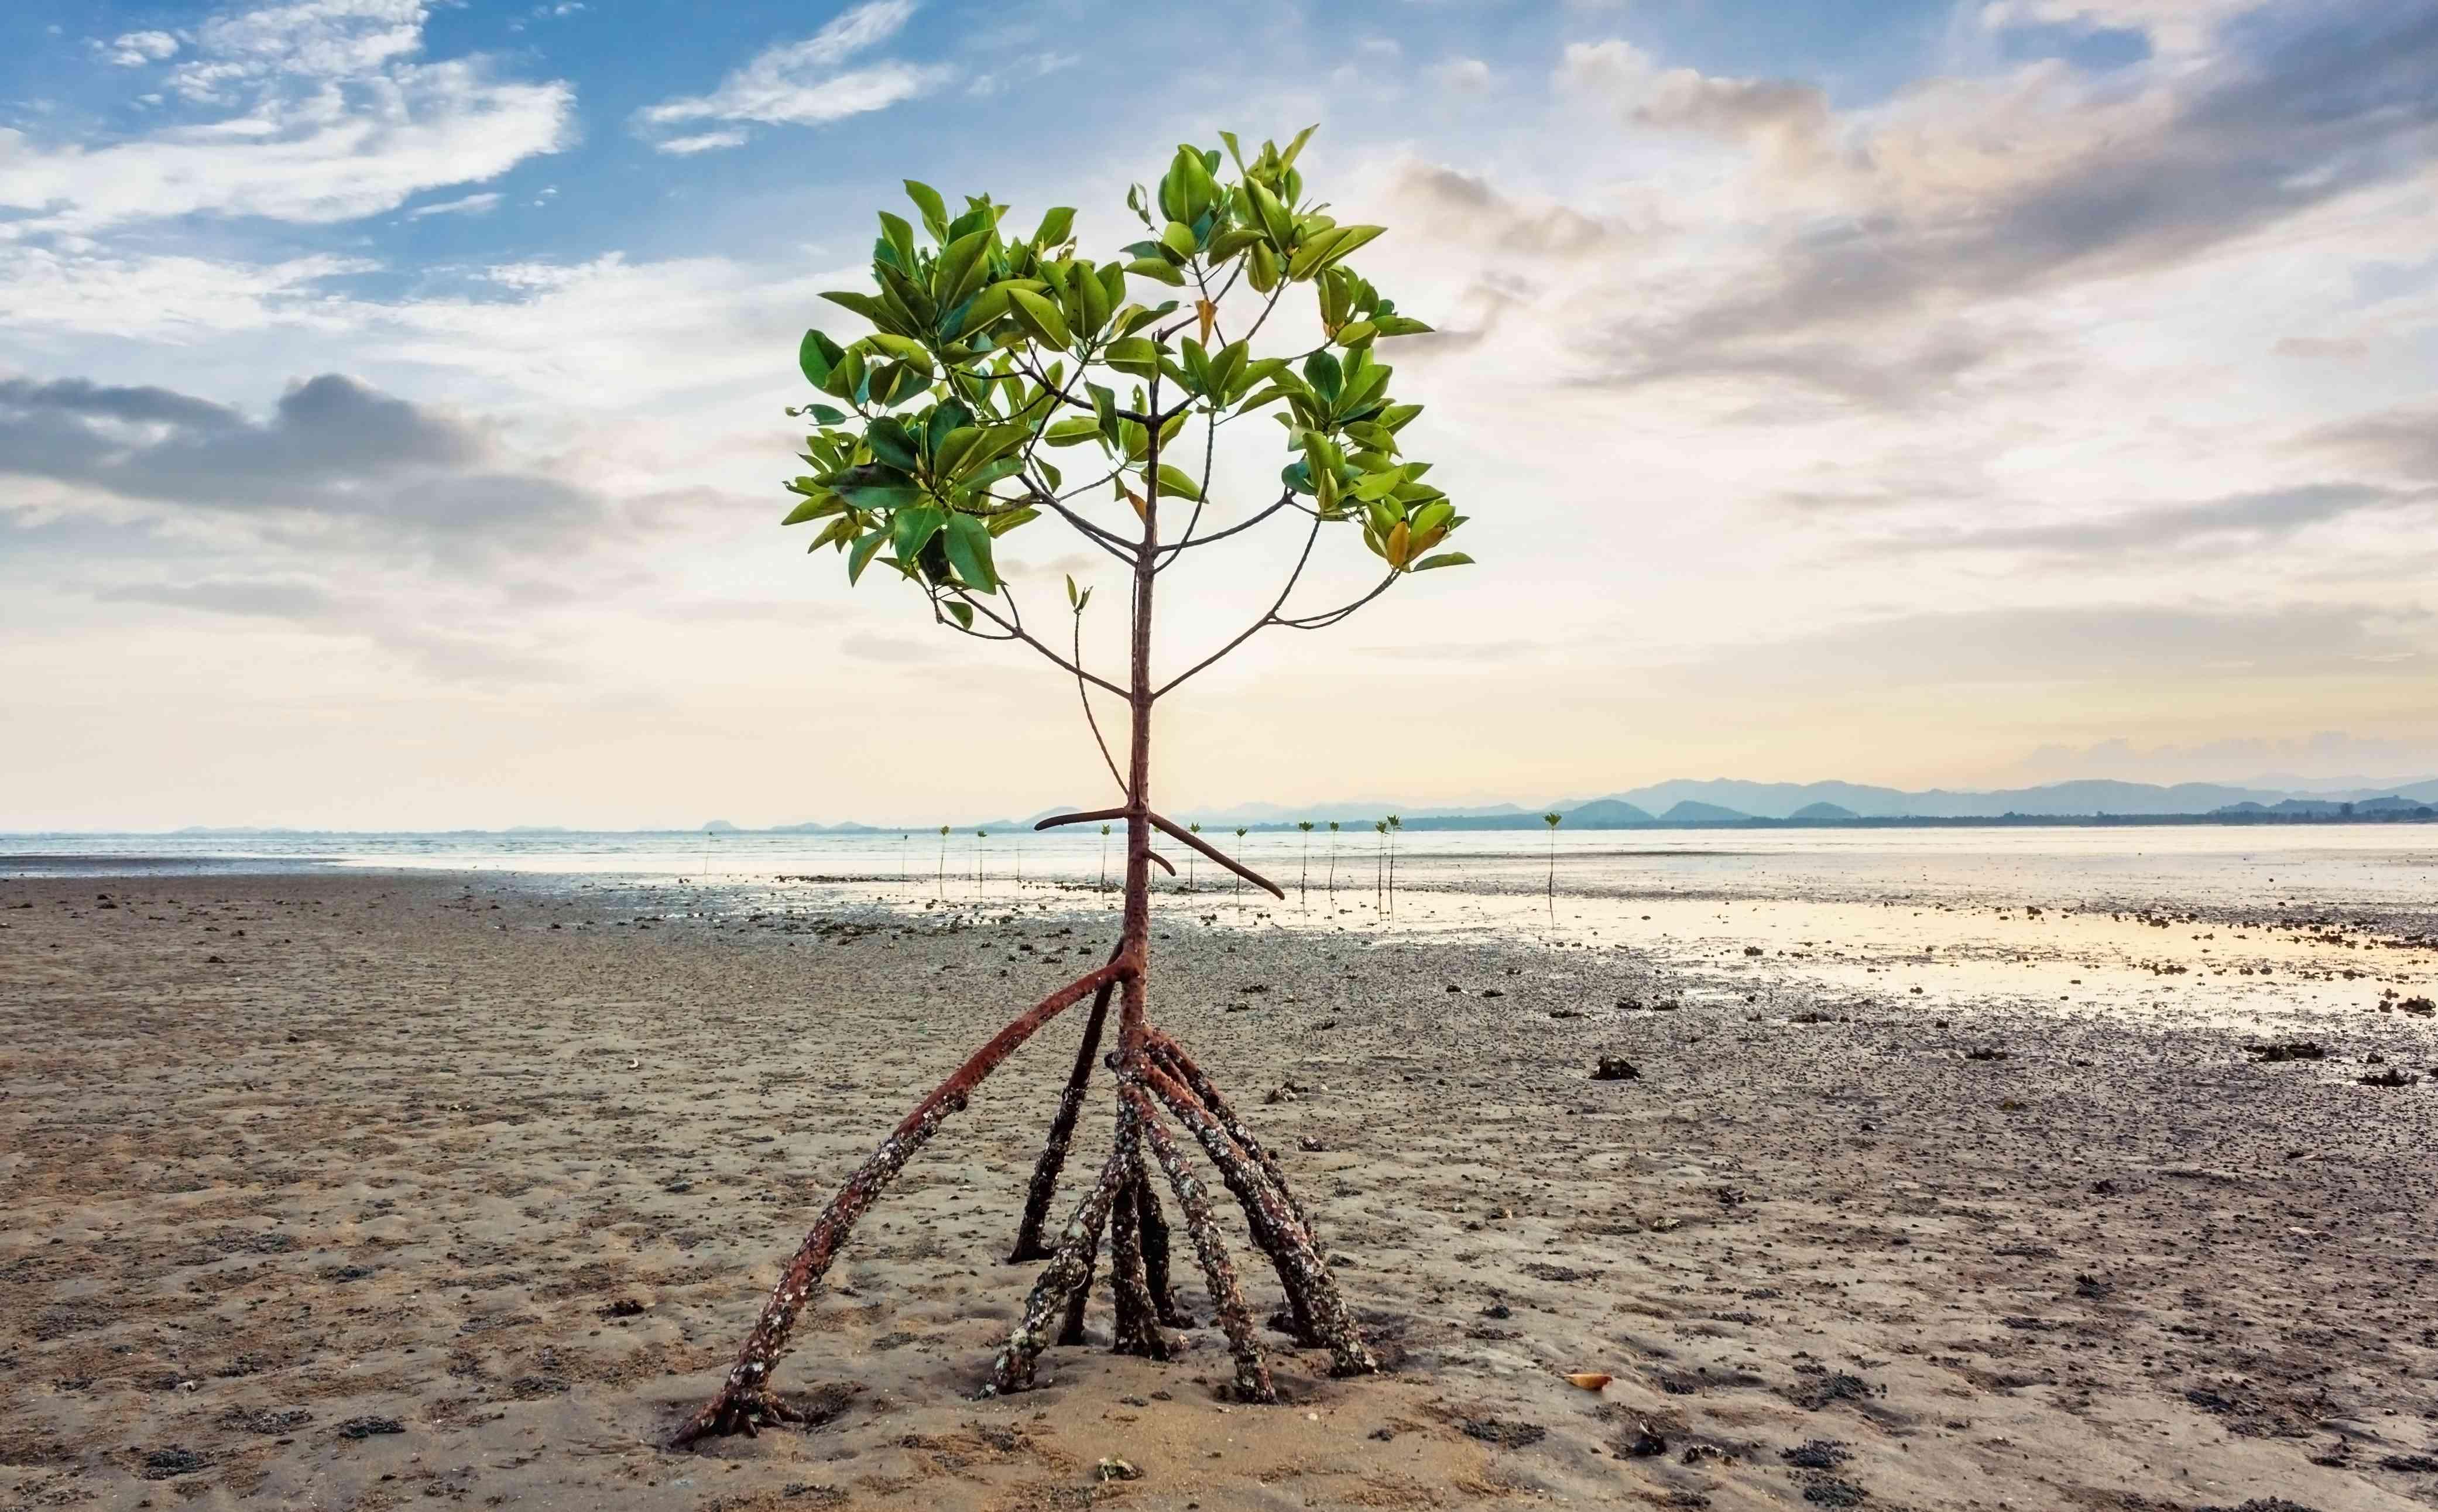 mangrove tree on a beach in Thailand